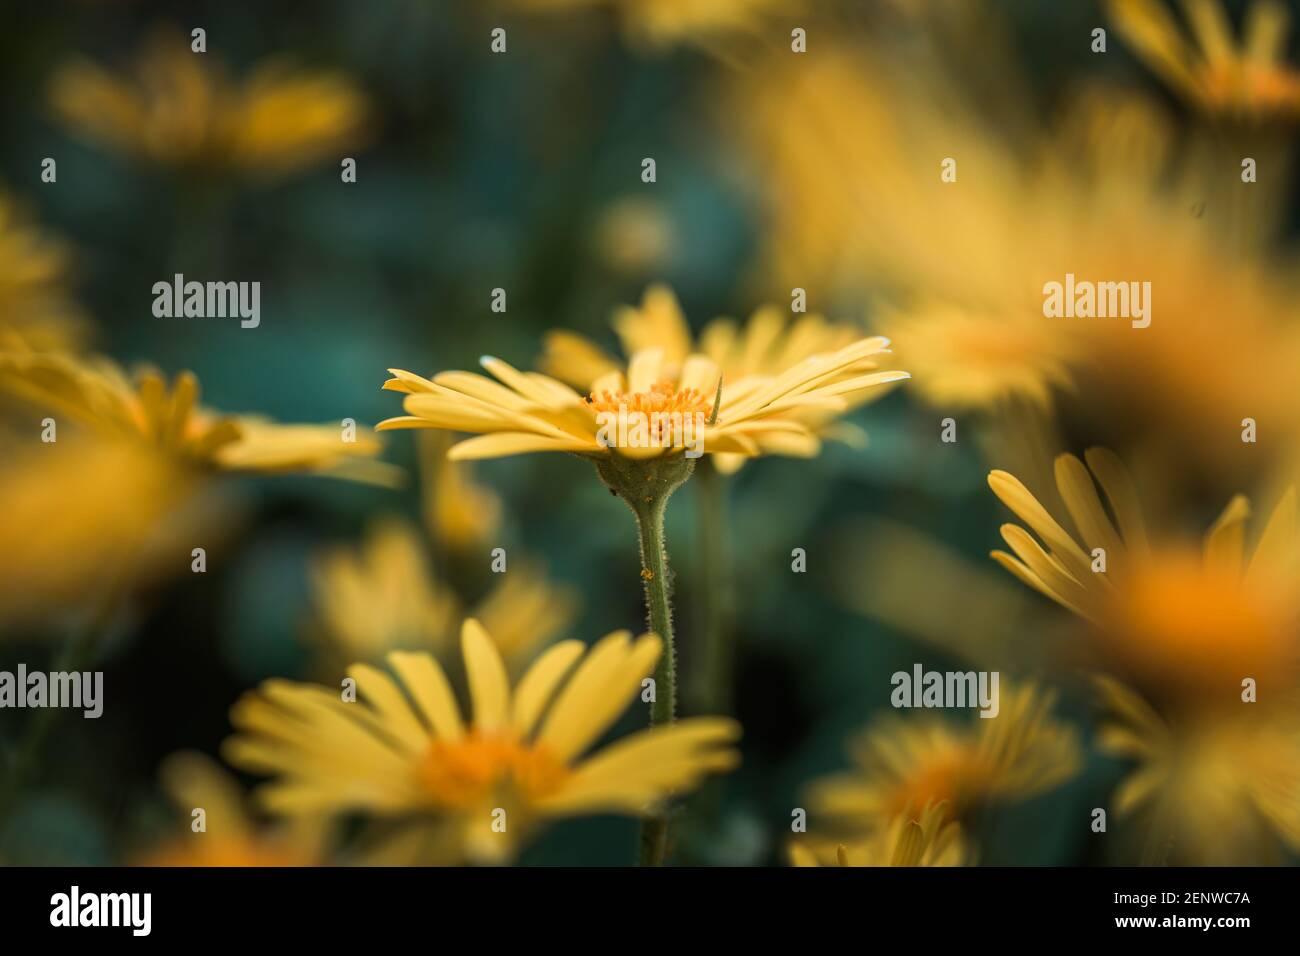 Doronicum orientale gelbe Blume aus nächster Nähe. Auch bekannt als Leopard's bane Blumen. Gänseblümchen wie Blume, launischer Hintergrund. Stockfoto